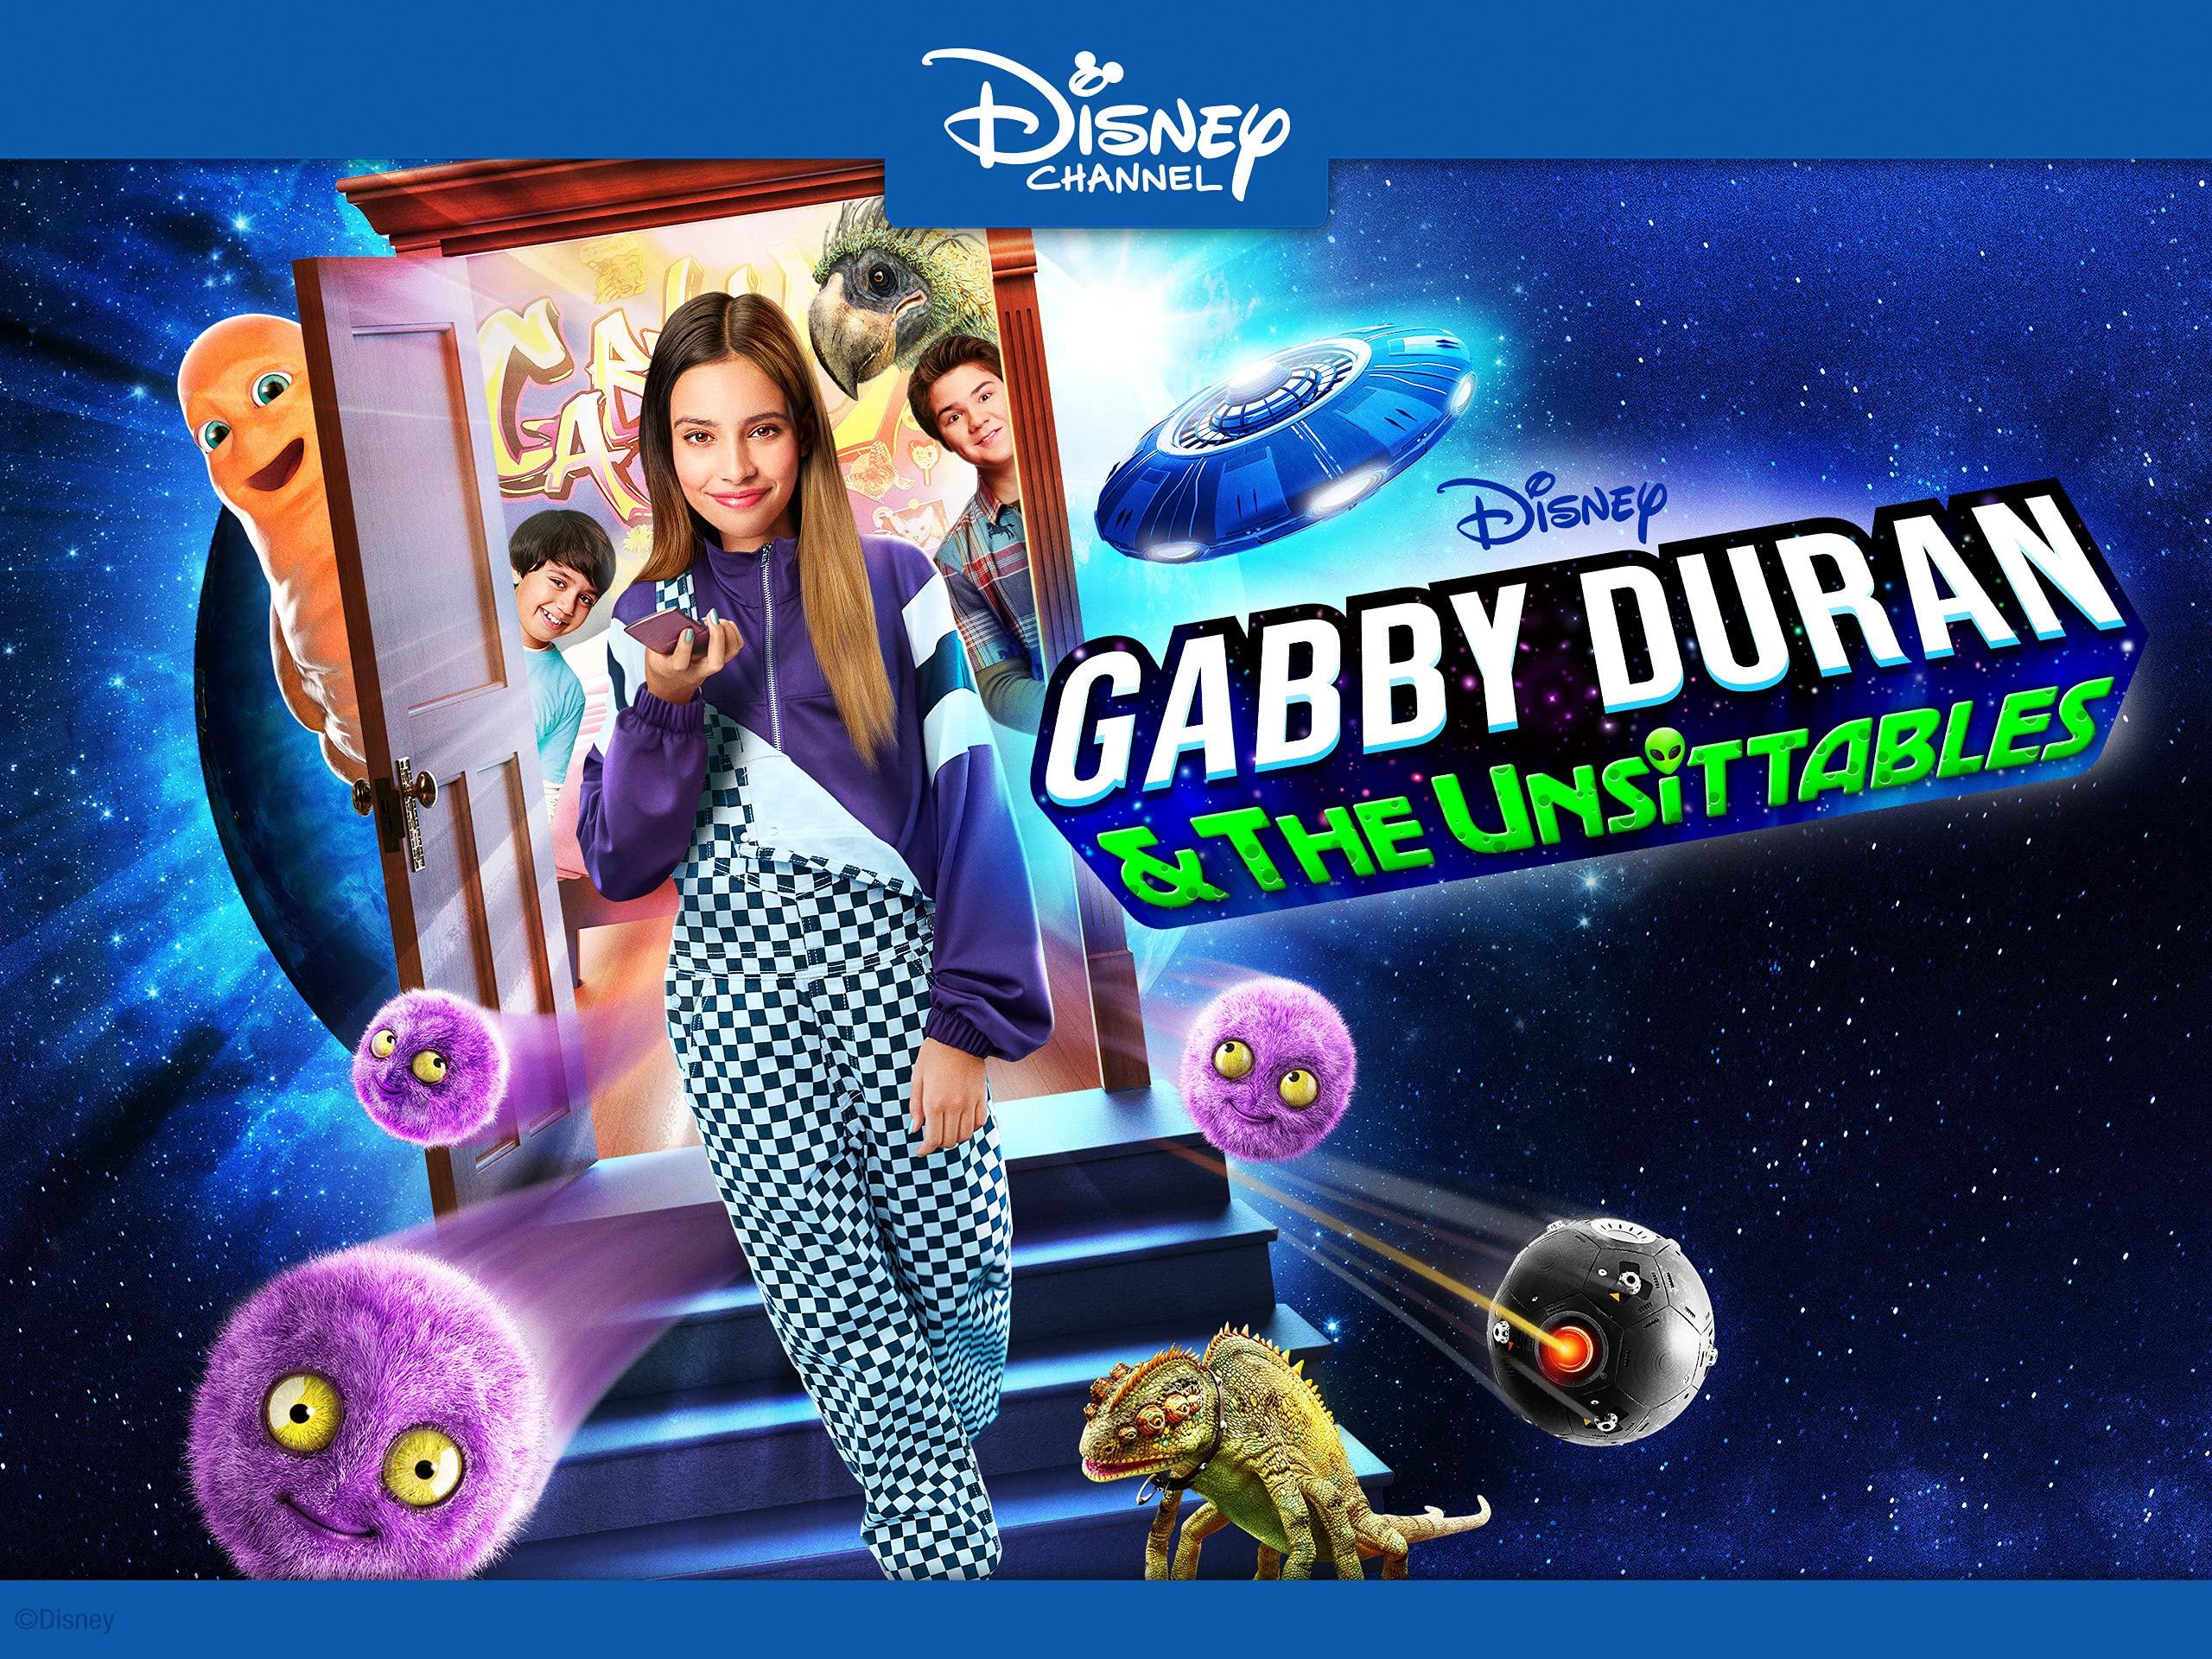 Watch Gabby Duran & the Unsittables Volume 3   Prime Video